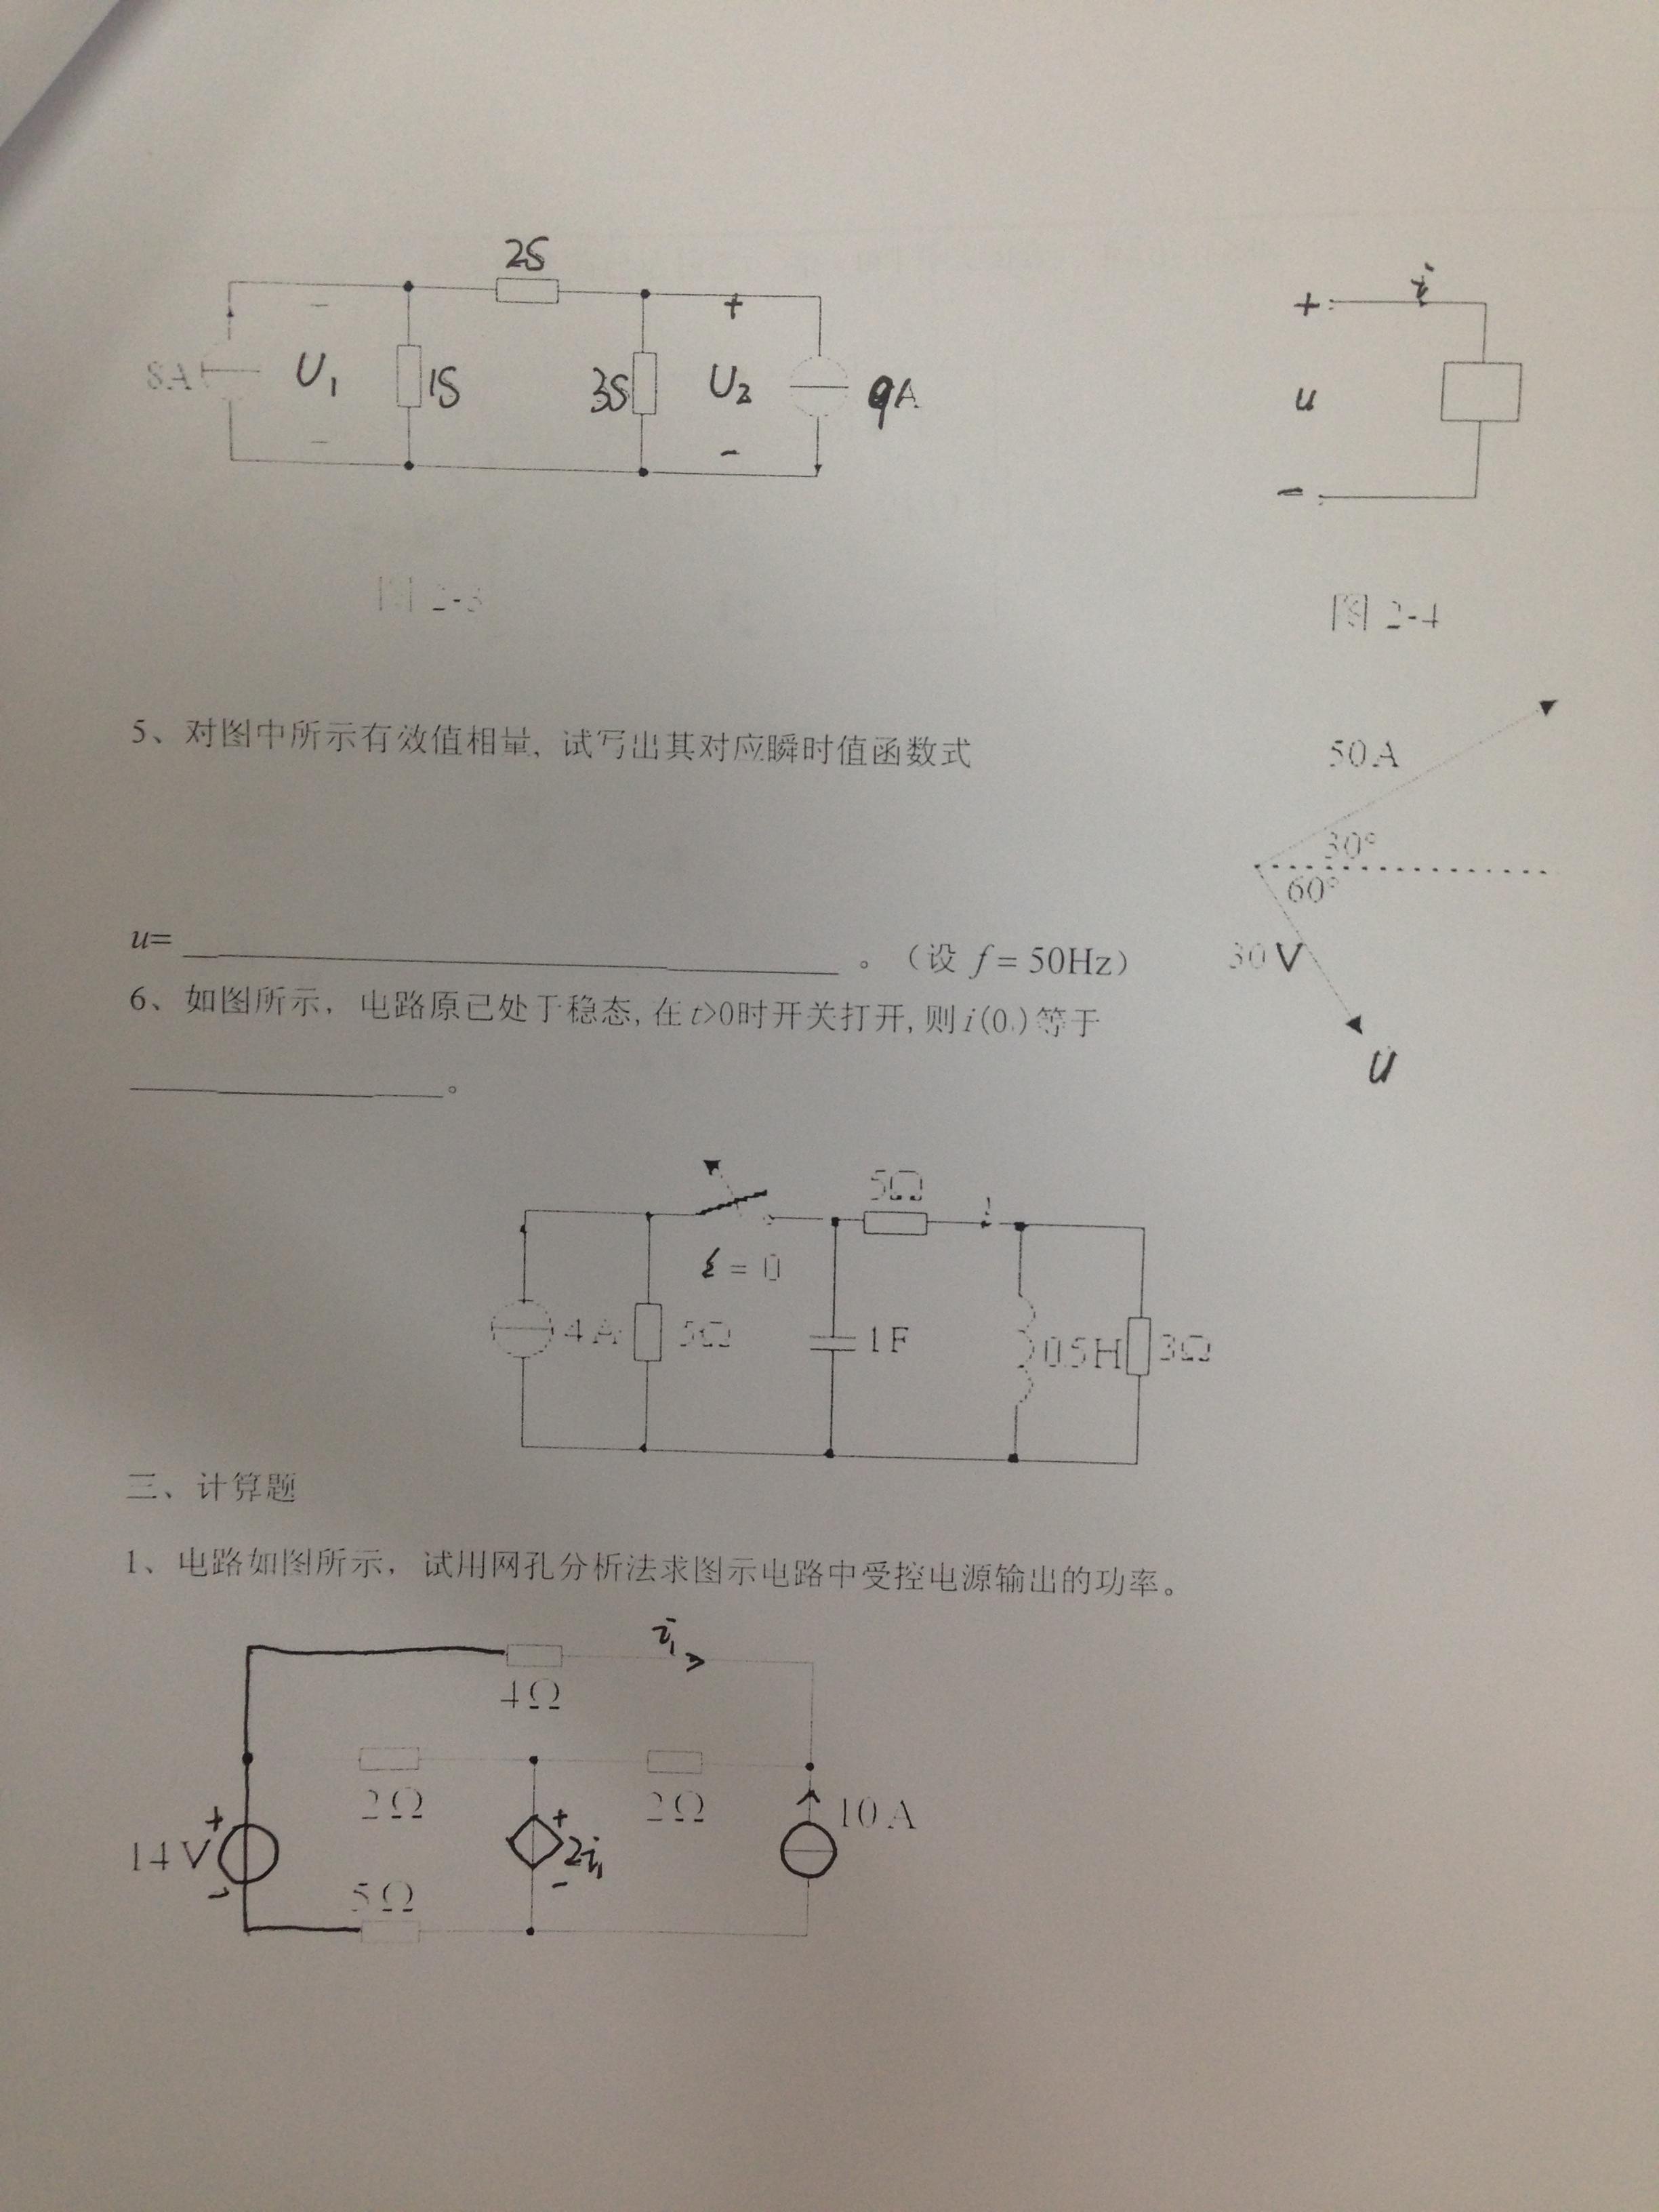 考电路原理的学校_电路原理